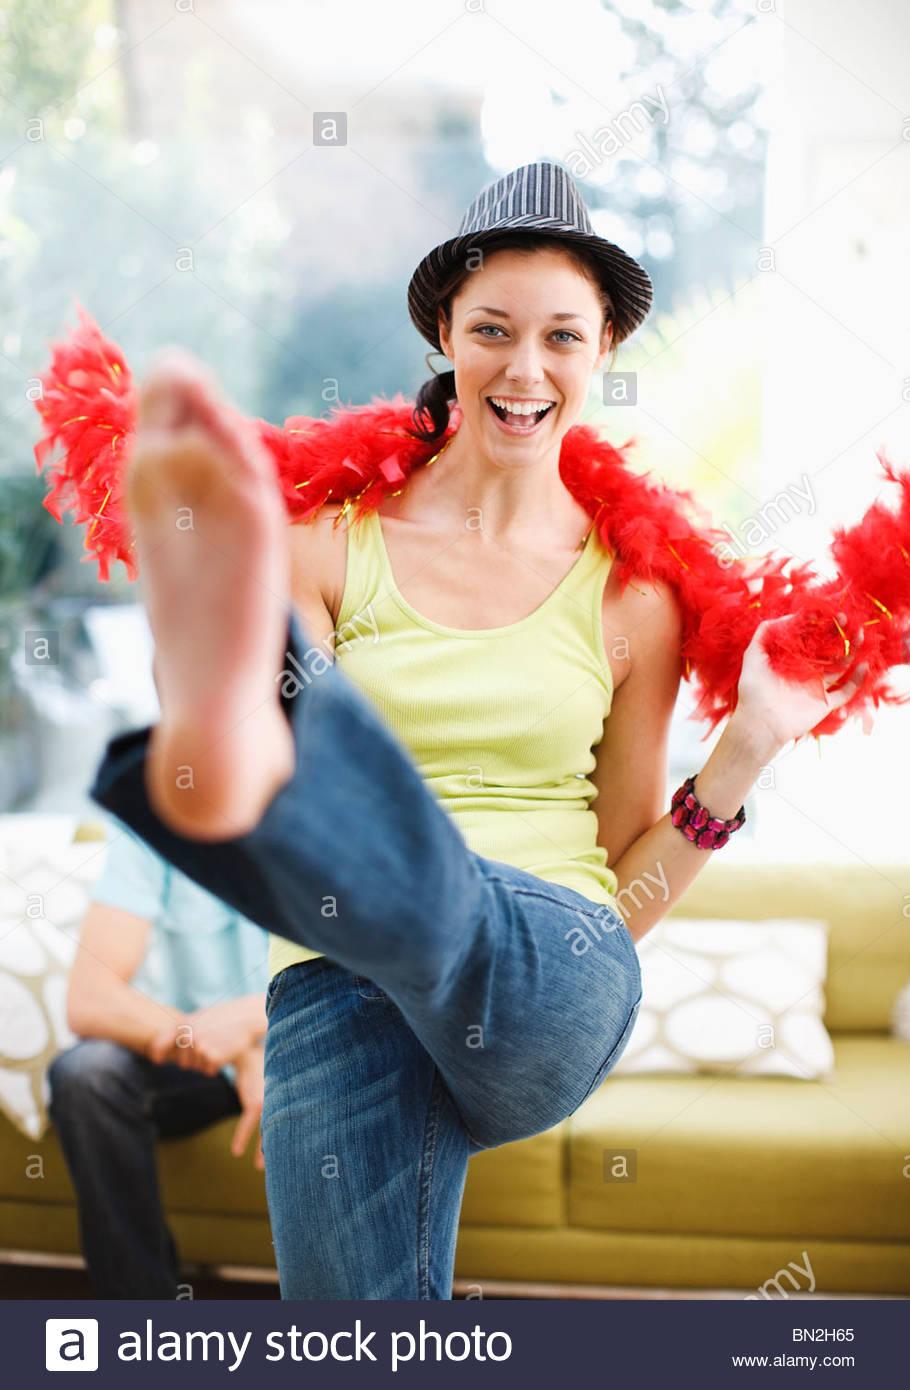 Frau tanzt in Hut und Federboa Stockfoto